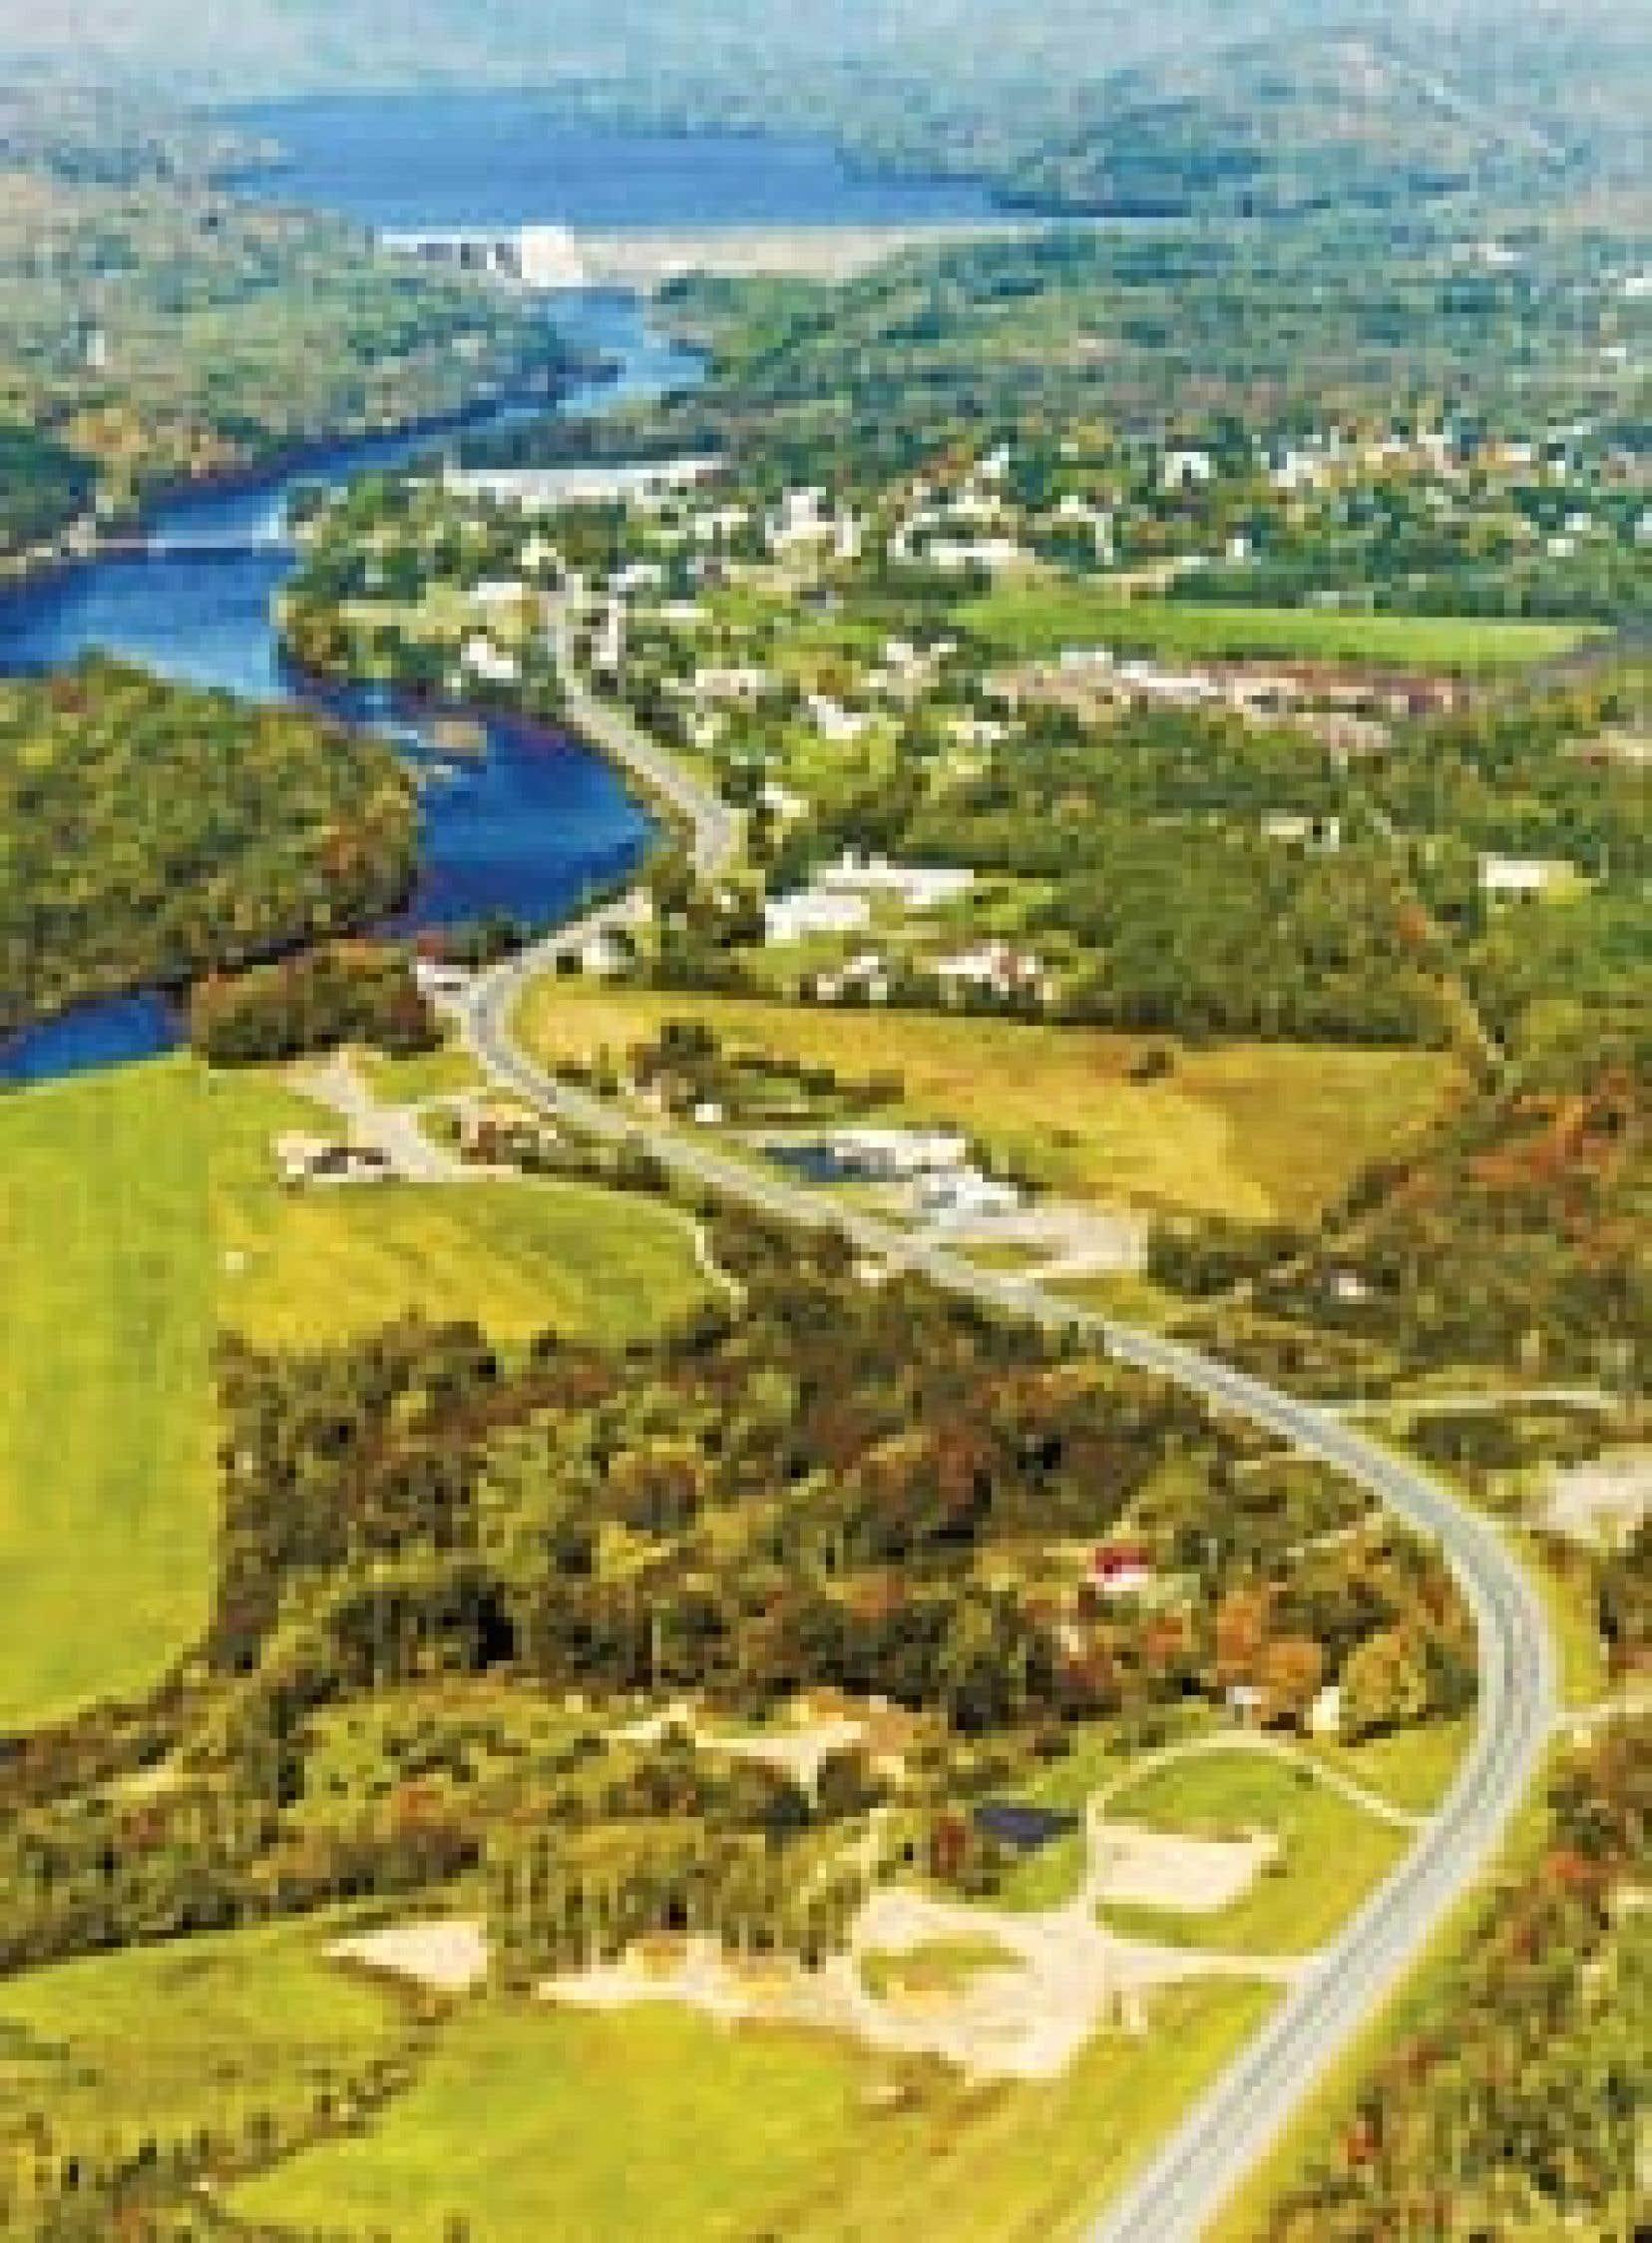 La ville de Bing Ham, dans le Maine, traversée par le rivière Kennebec et la route 201 qui rejoint la 173 au Québec. Source : Maine Tourism